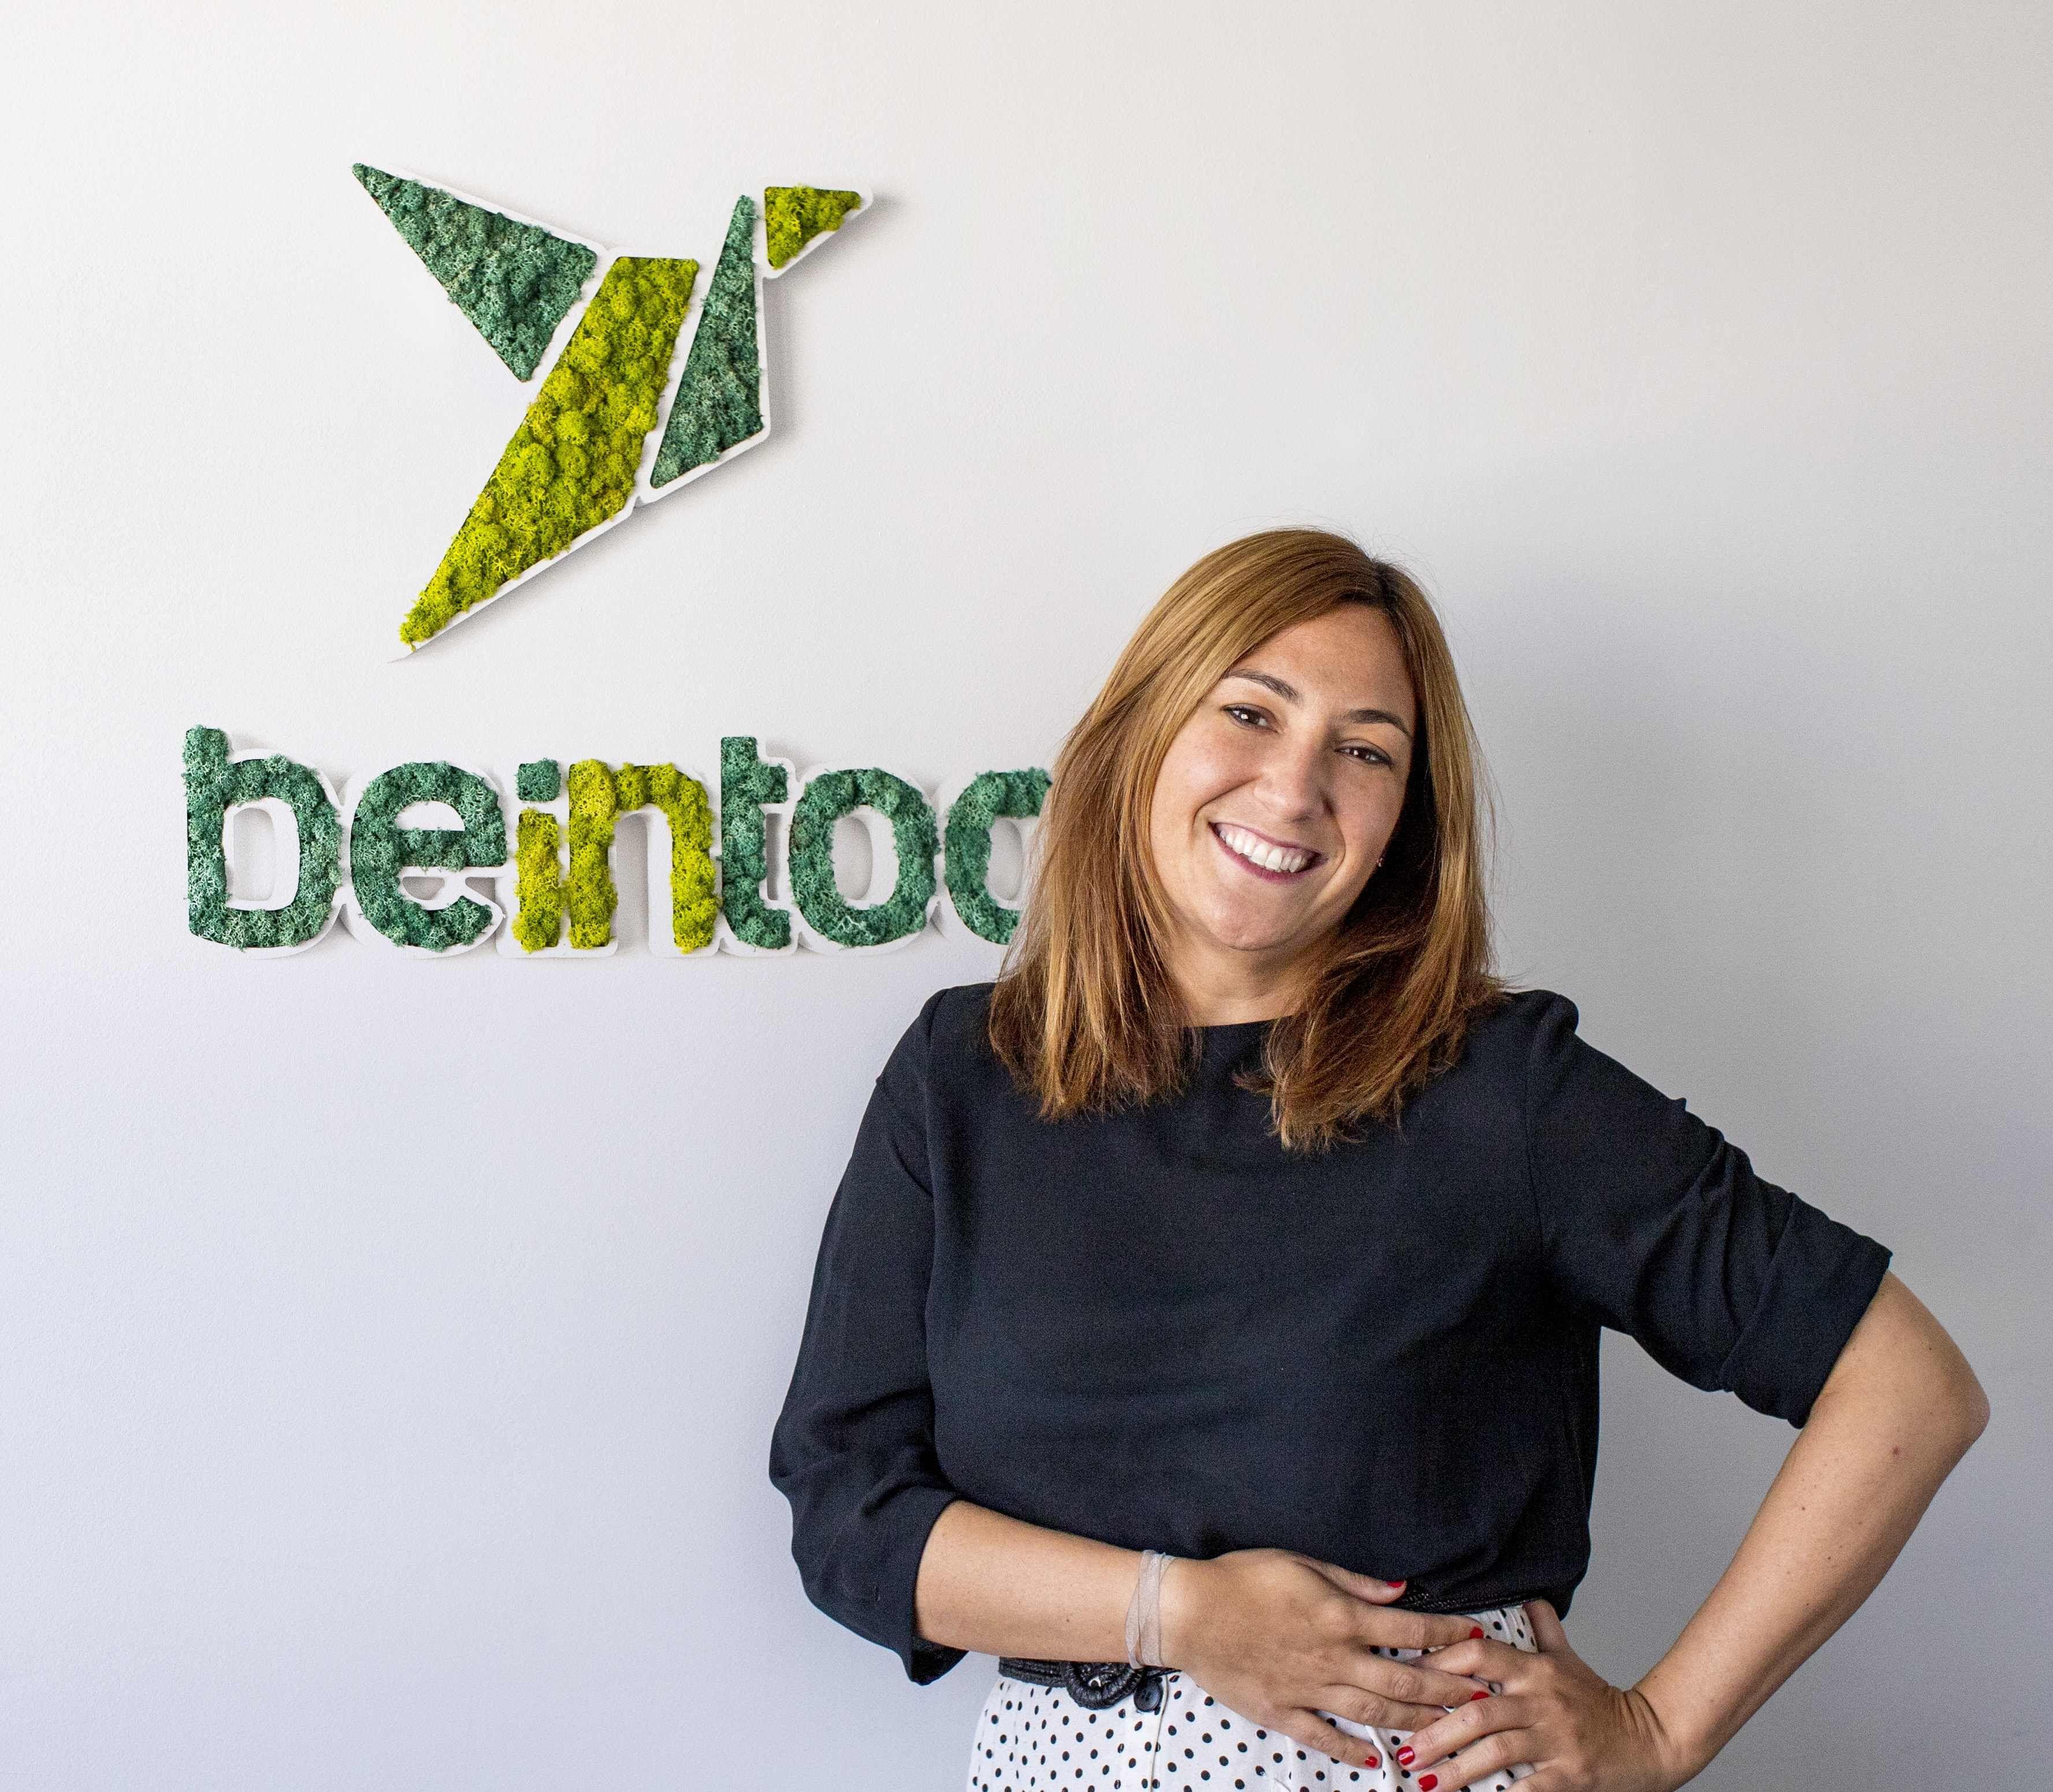 Fotografia Patricia Cañada, Sales Director de Beintoo España